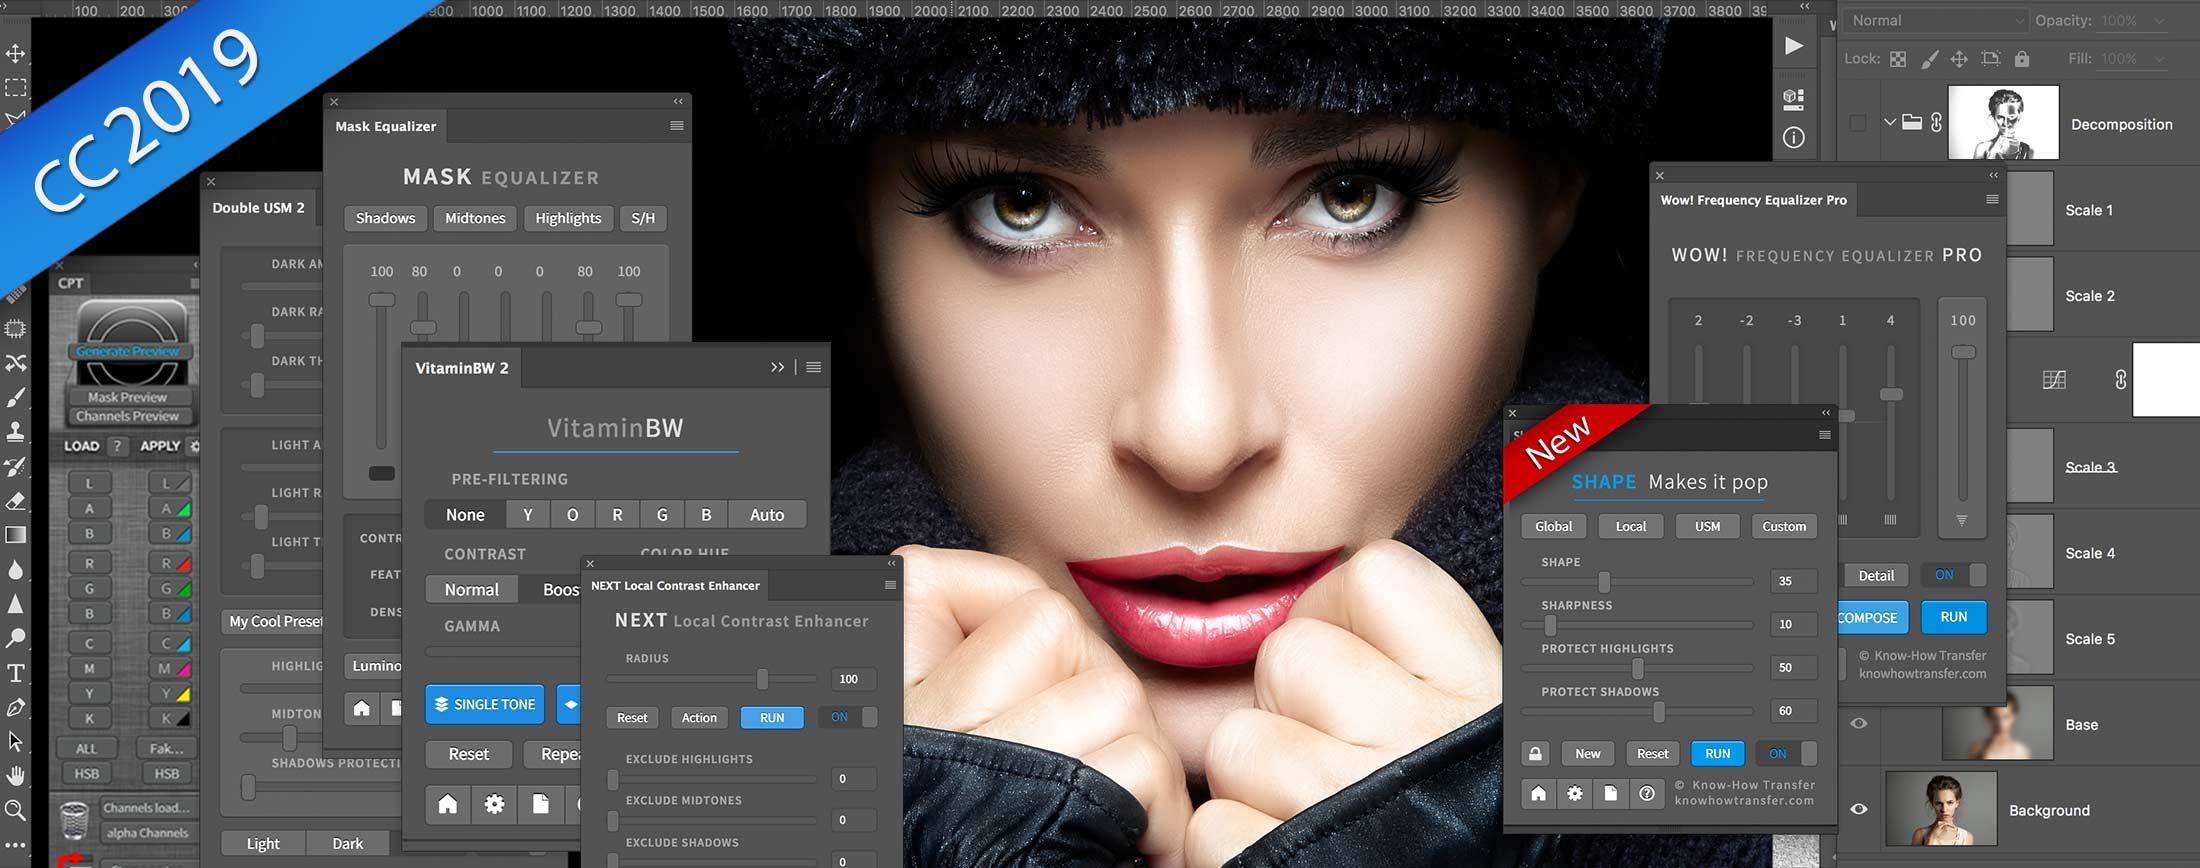 La gamma dei plugin per Photoshop di Know-How Transfer incluso il nuovo NEXT